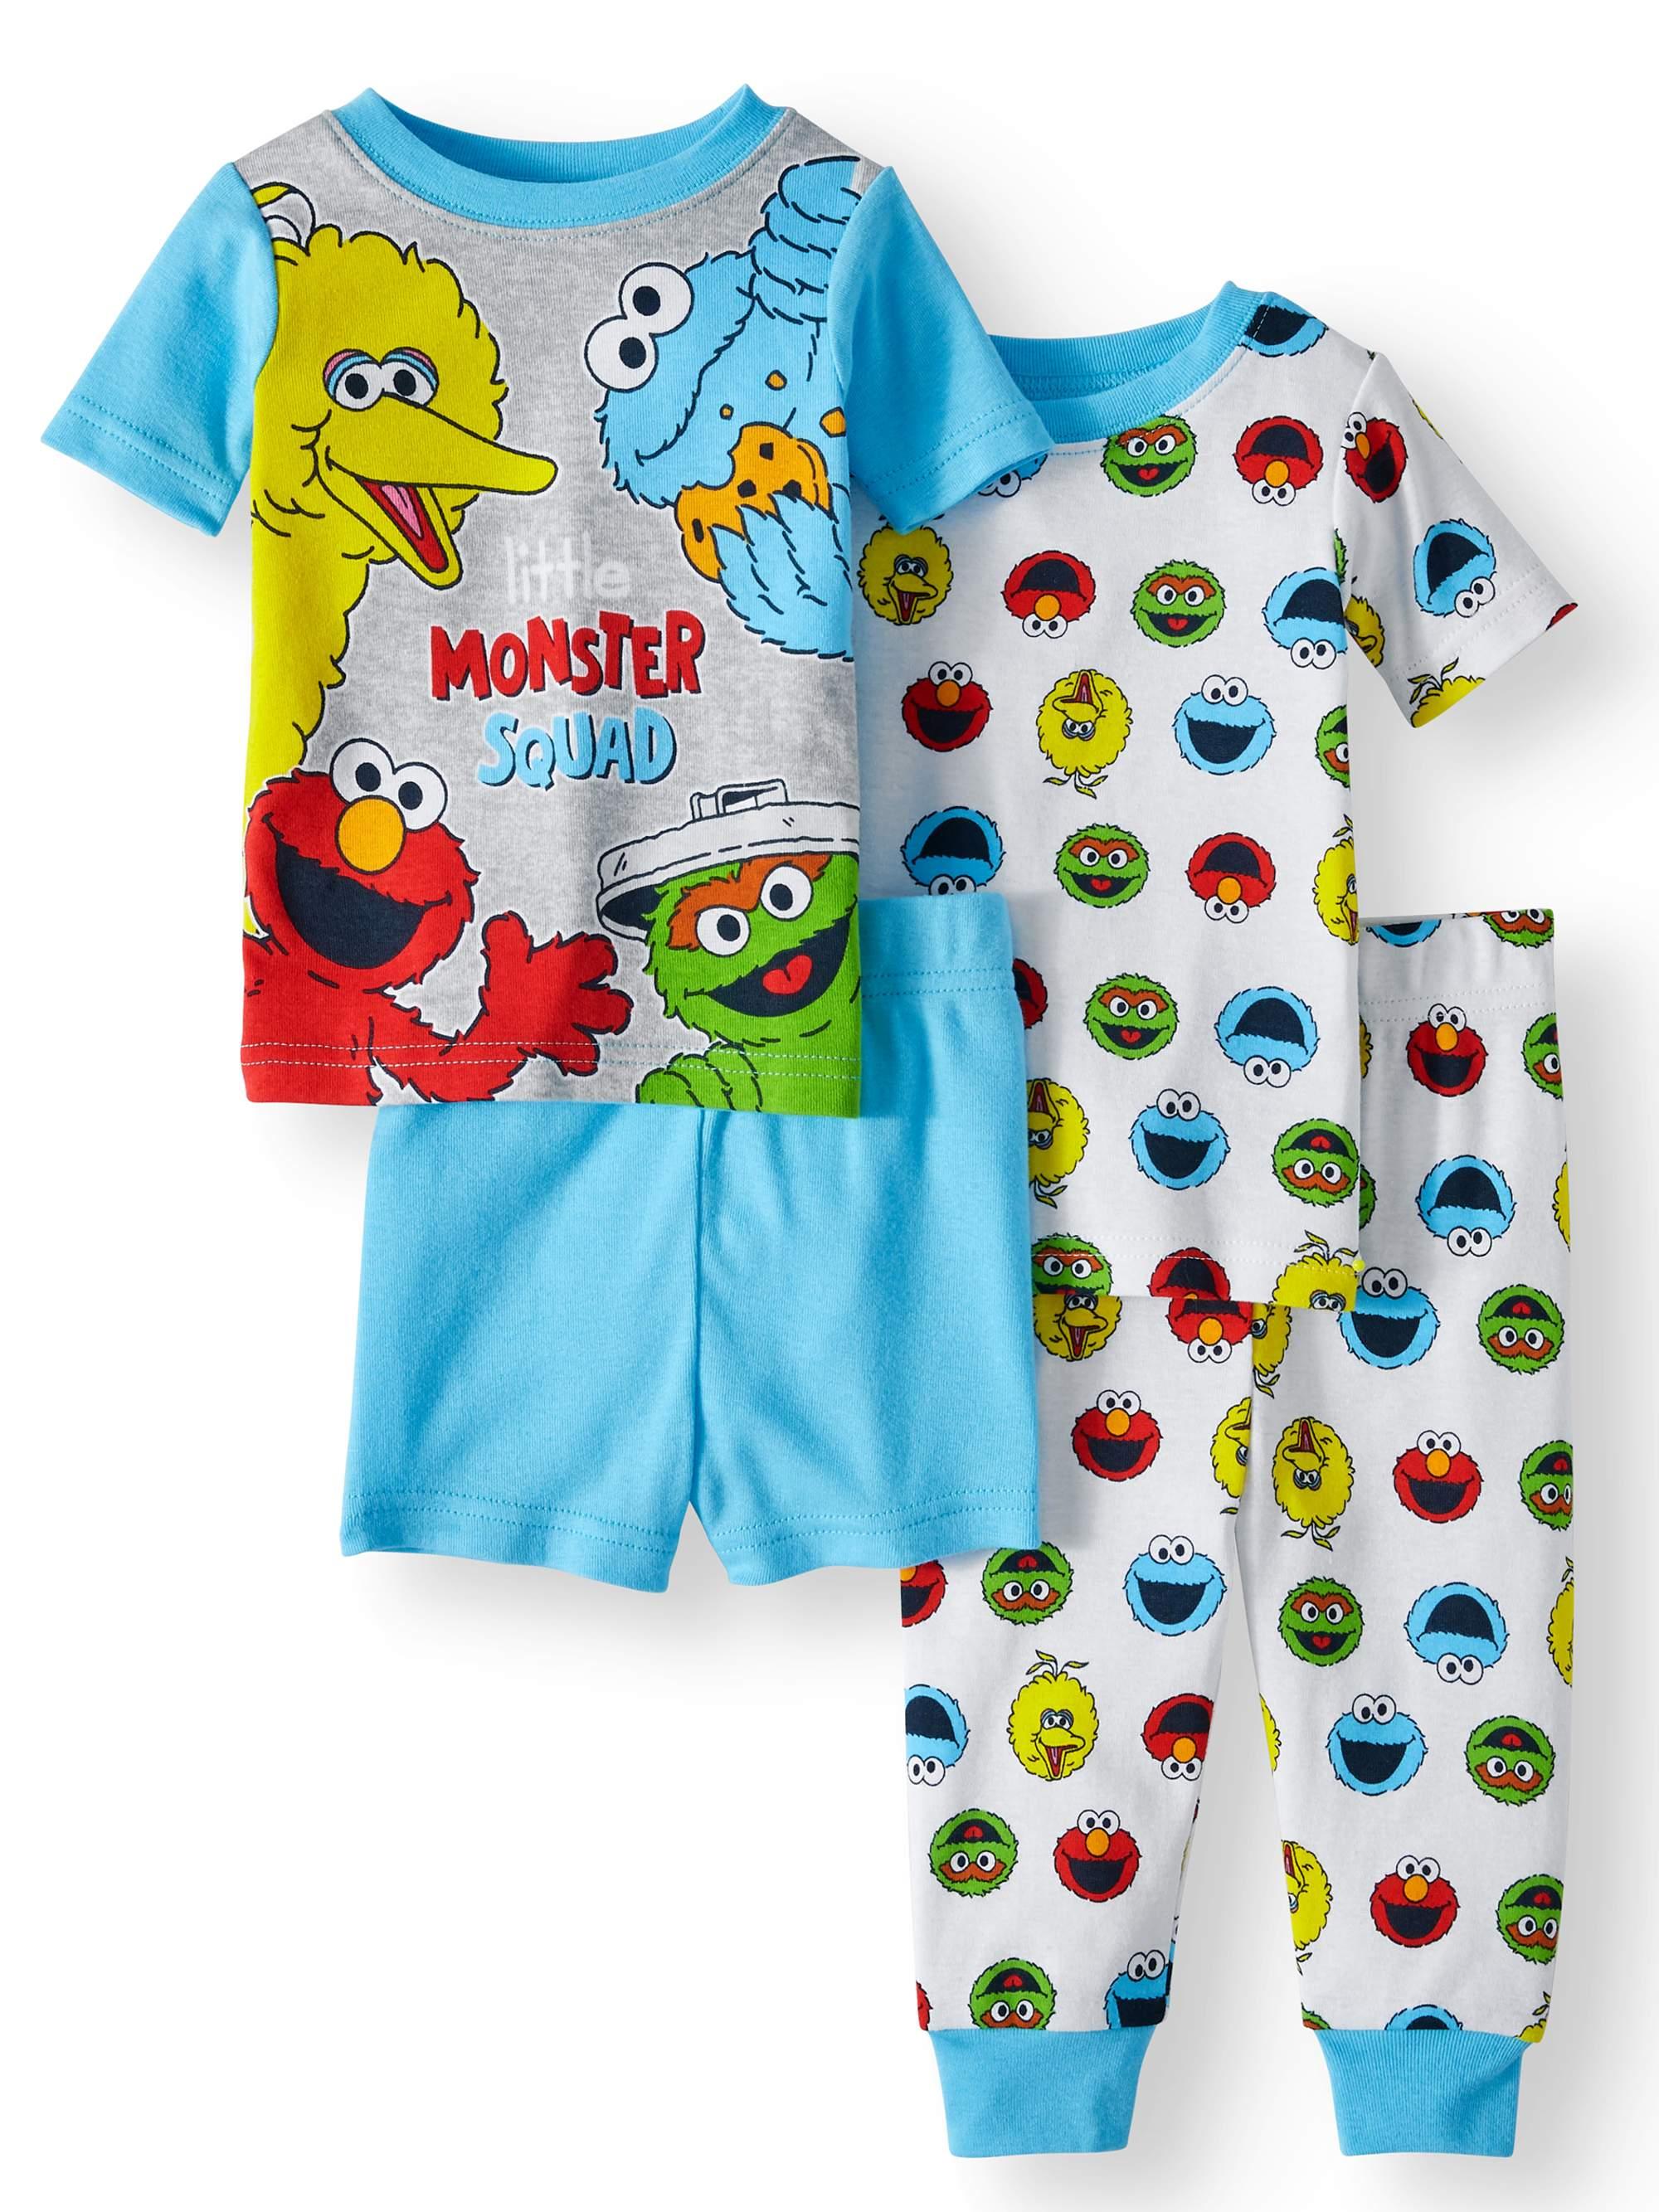 Baby Boys' Cotton Tight Fit Pajamas, 4-Piece Set